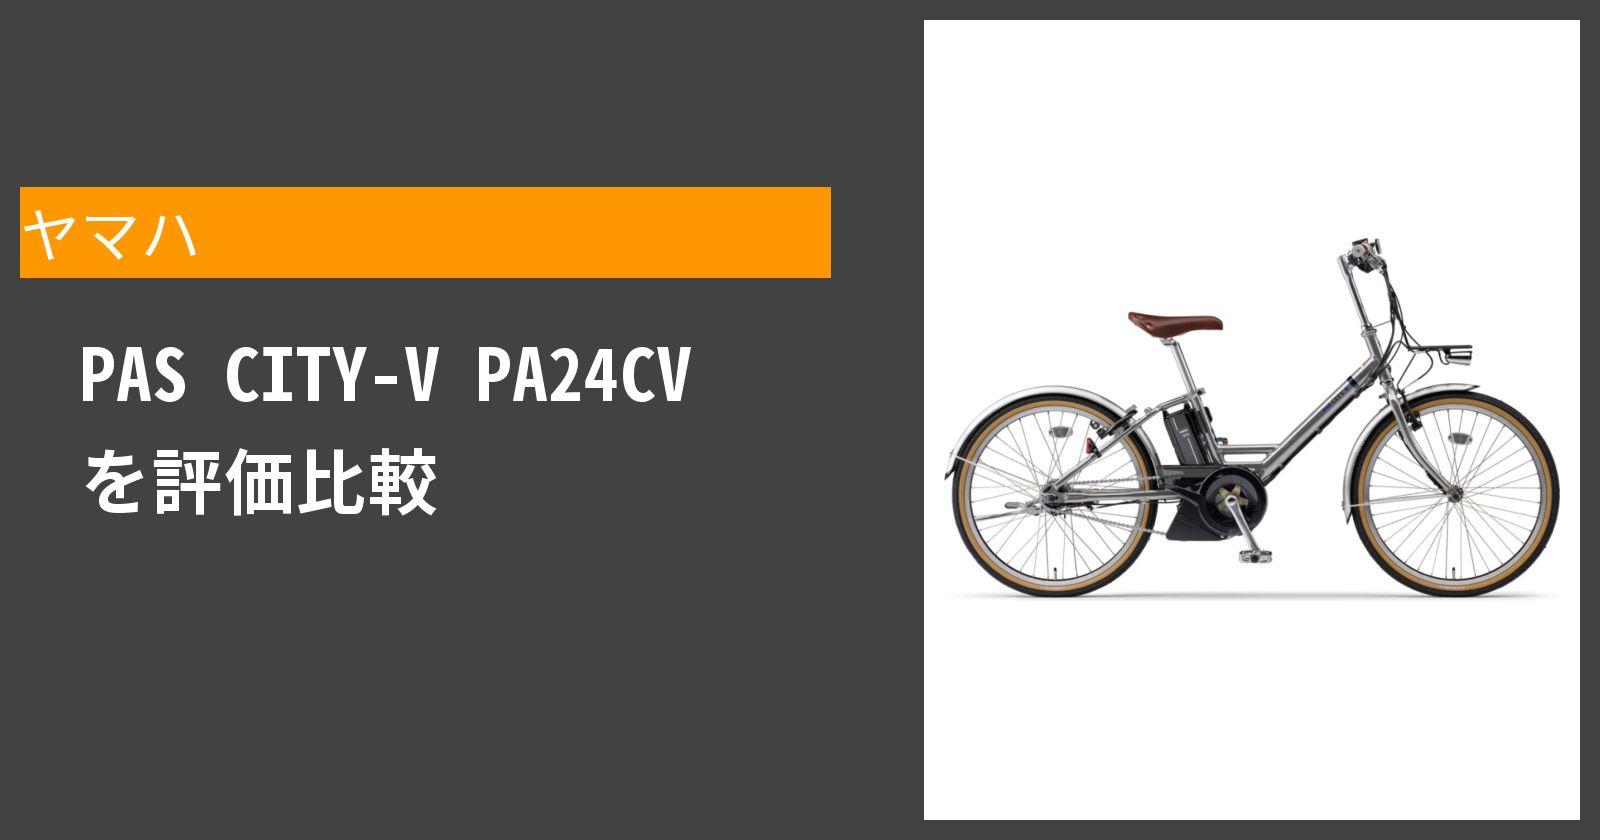 PAS CITY-V PA24CVを徹底評価